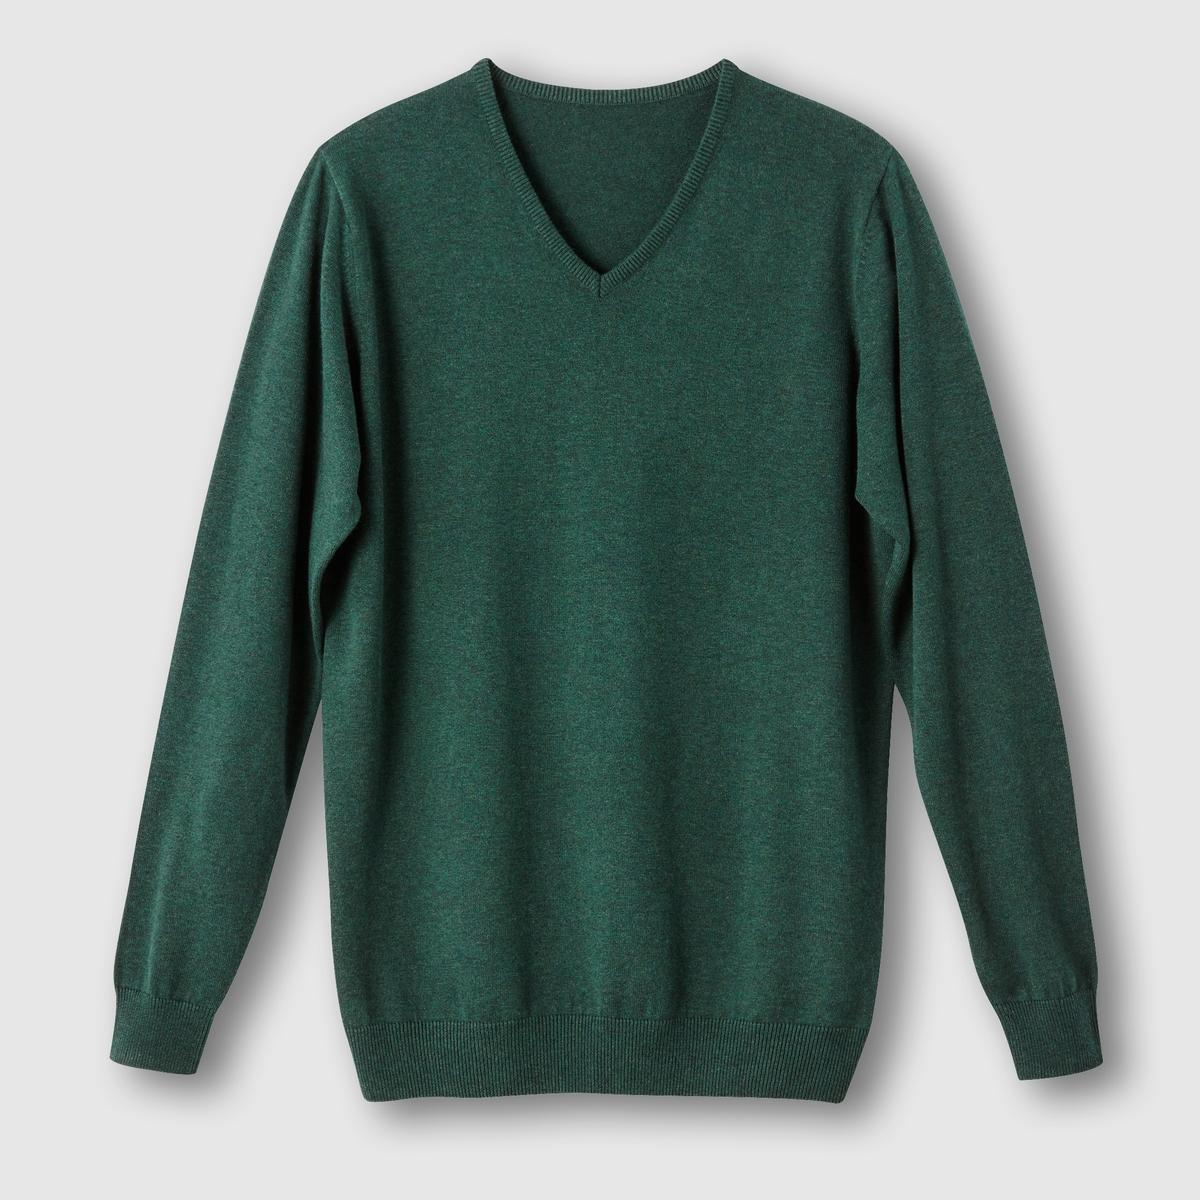 Пуловер с V-образным вырезомПуловер с V-образным вырезом. Длинные рукава. Края рукавов и низа связаны в рубчик. Пуловер с V-образным вырезом из трикотажа мелкой вязки, 100% хлопка. - длина спереди : 73 см для размера 50/52 и 81 см для размера 82/84.- длина рукавов : 64,5 см.<br><br>Цвет: зеленый,темно-синий,черный<br>Размер: 62/64.78/80.54/56.62/64.50/52.58/60.50/52.58/60.62/64.66/68.70/72.74/76.78/80.70/72